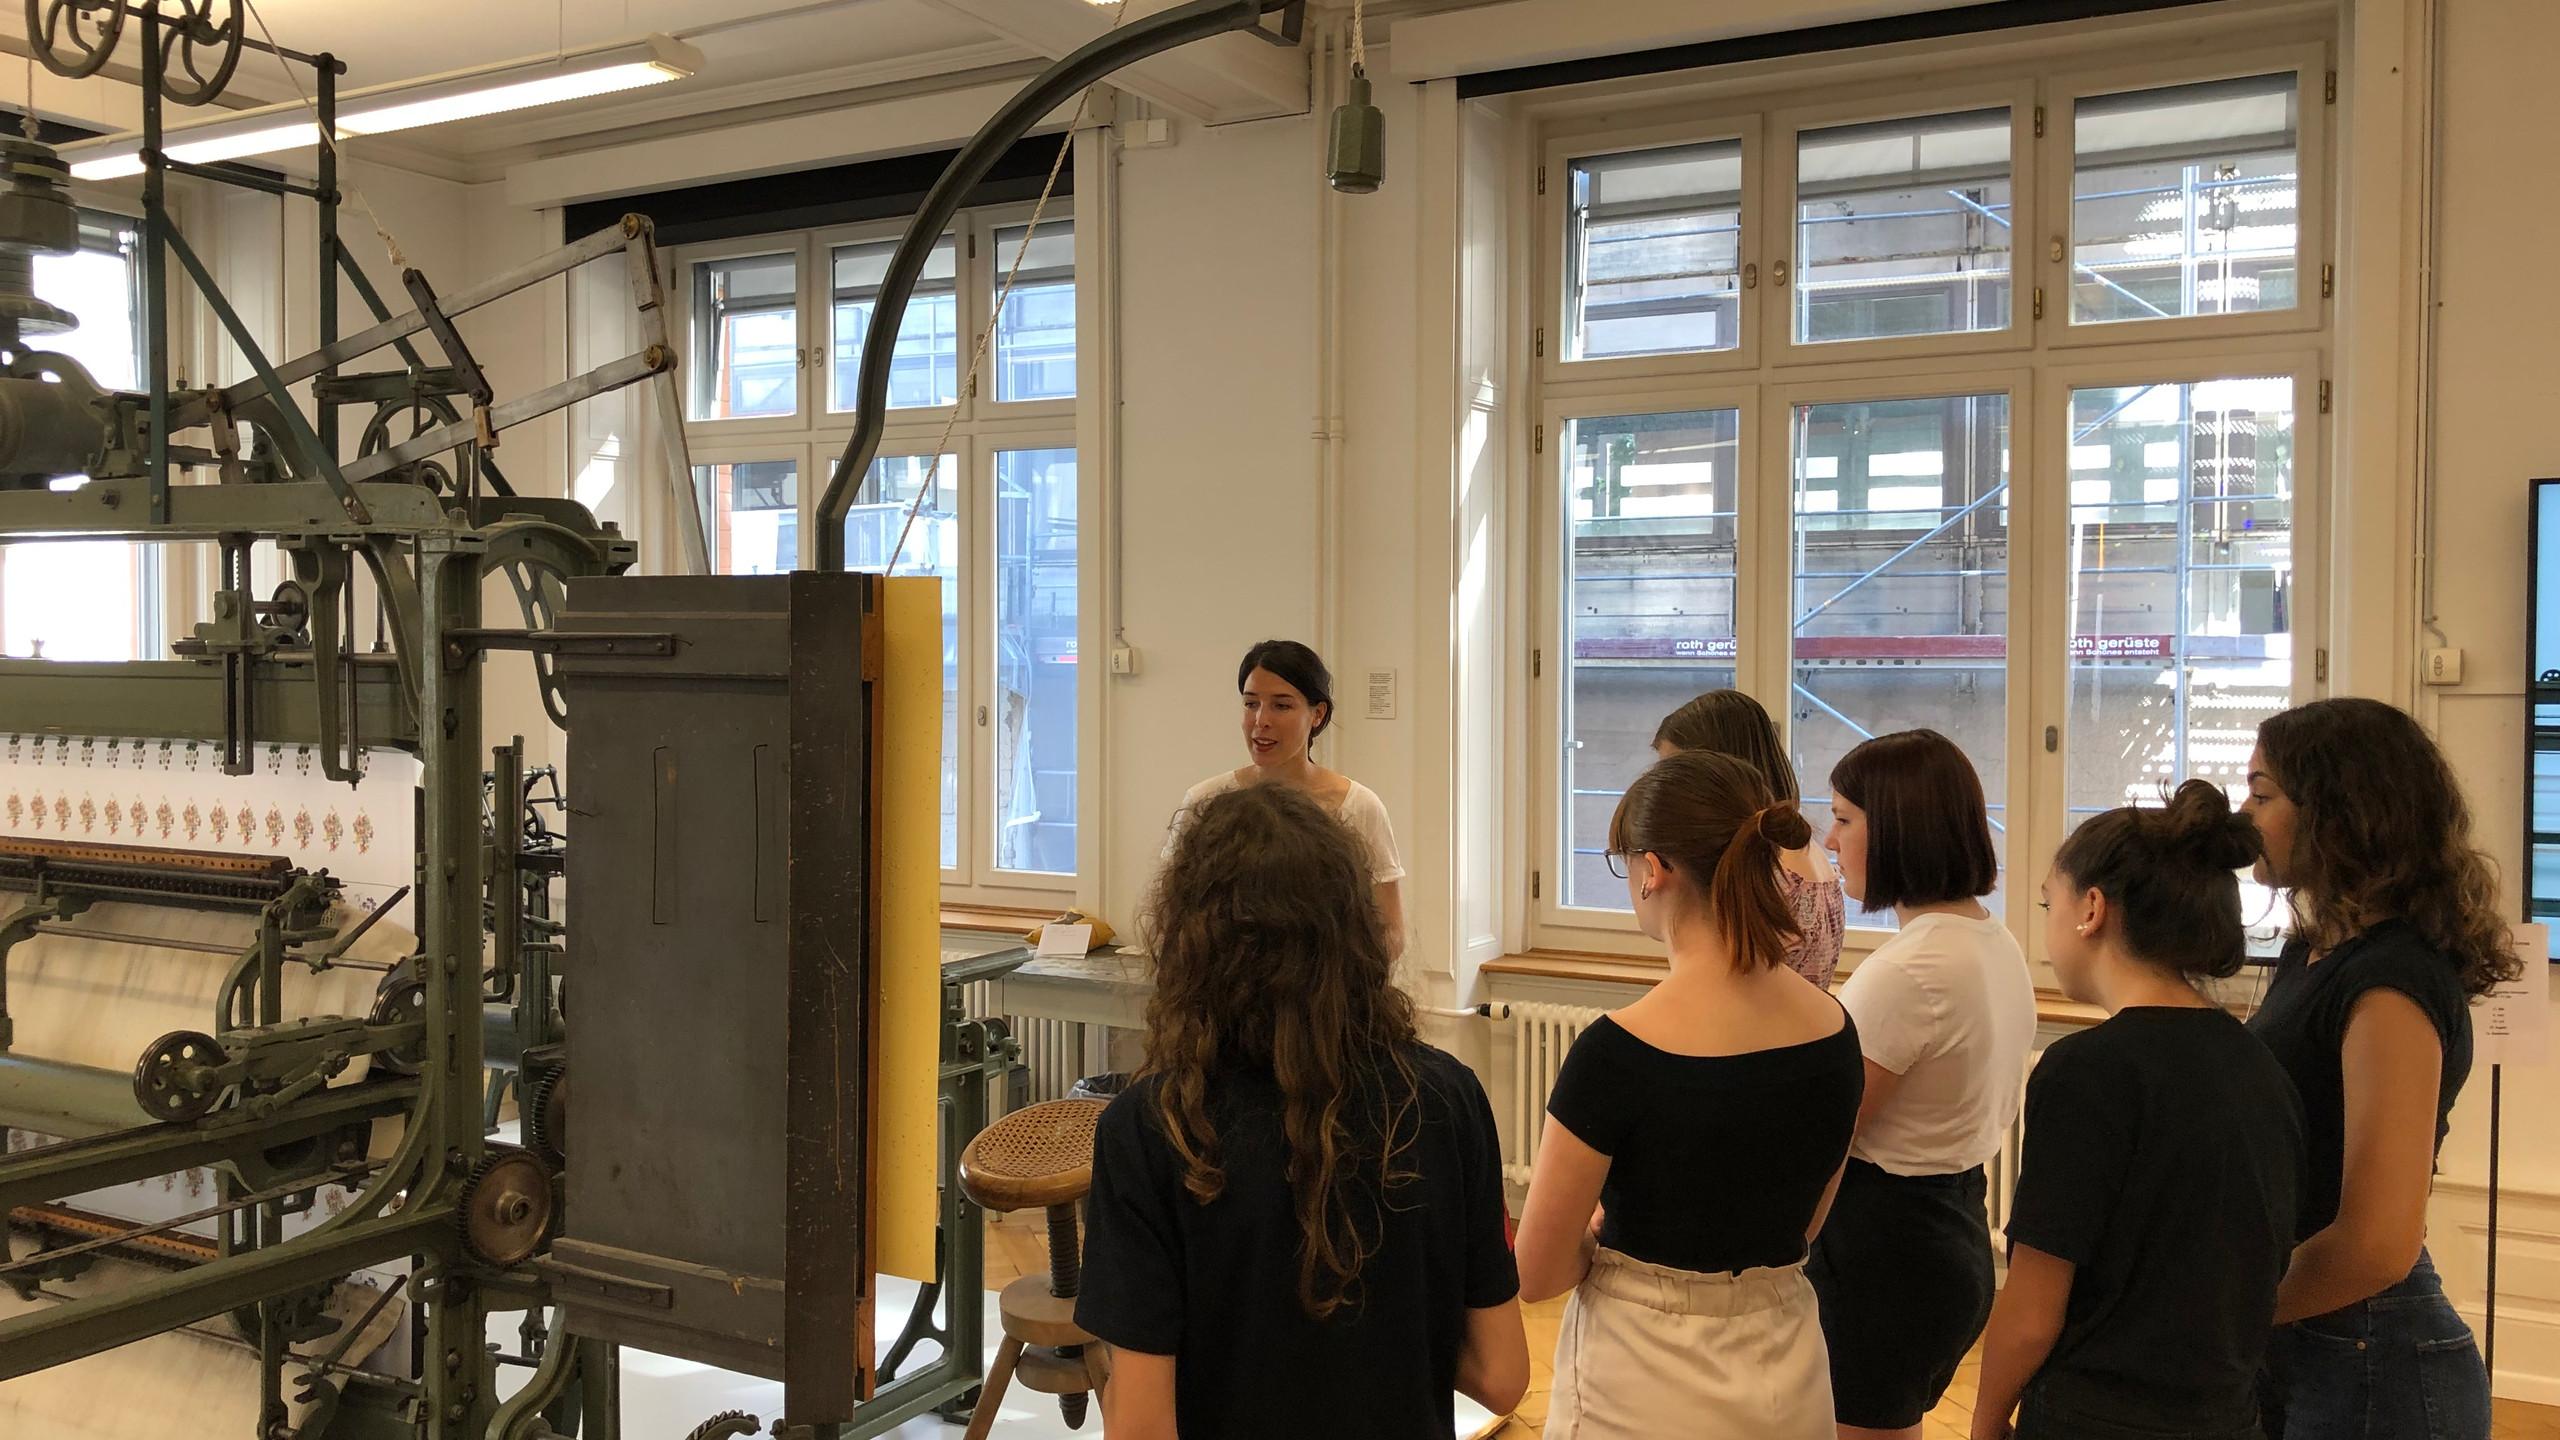 St. Gallen - Textilmuseum